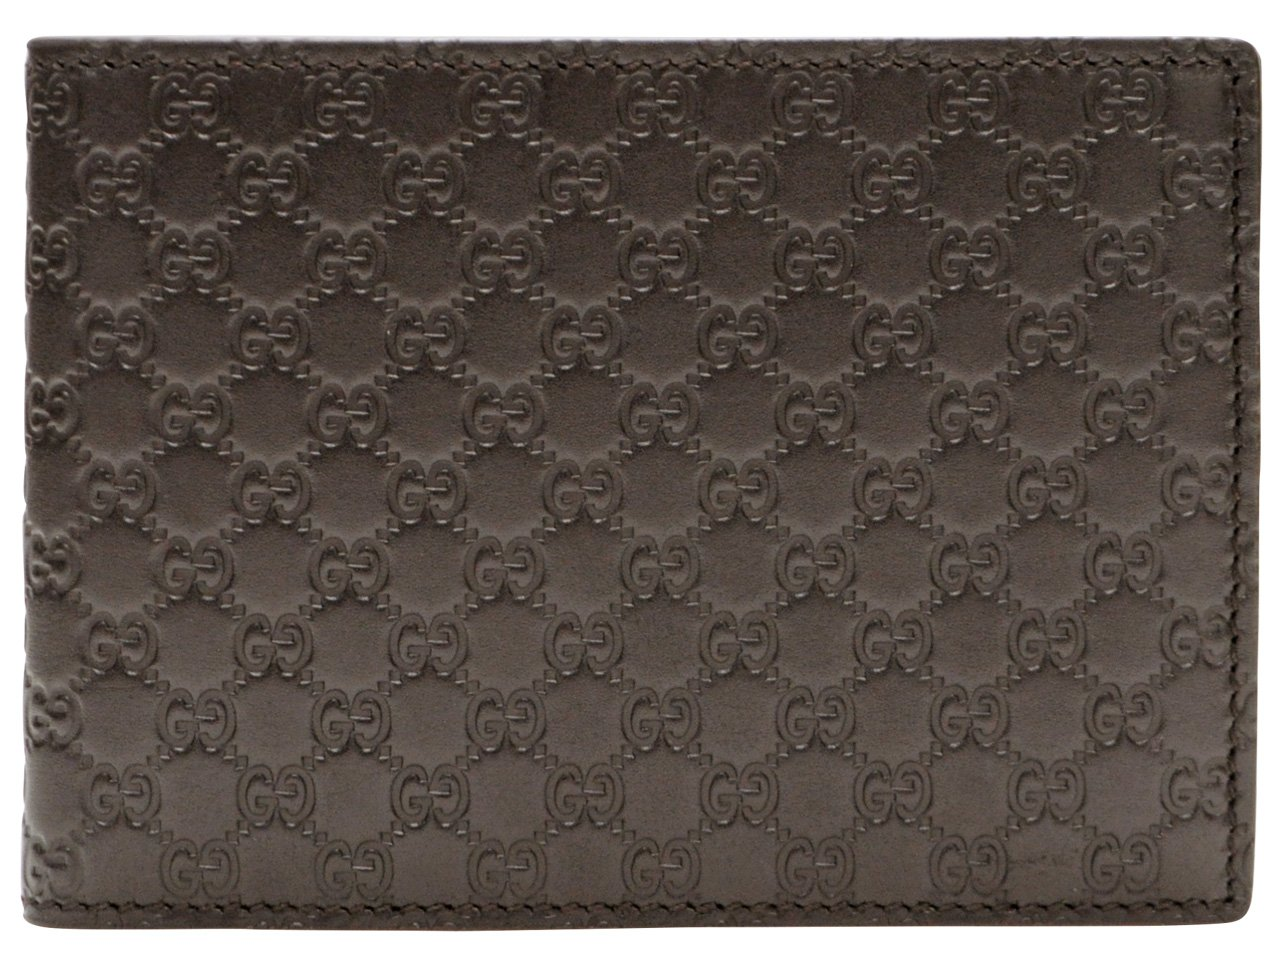 (グッチ) GUCCI 財布 二つ折り グッチシマ レザー メンズ 292534 アウトレット[並行輸入品] B01N1P9395 ダークブラウン ダークブラウン